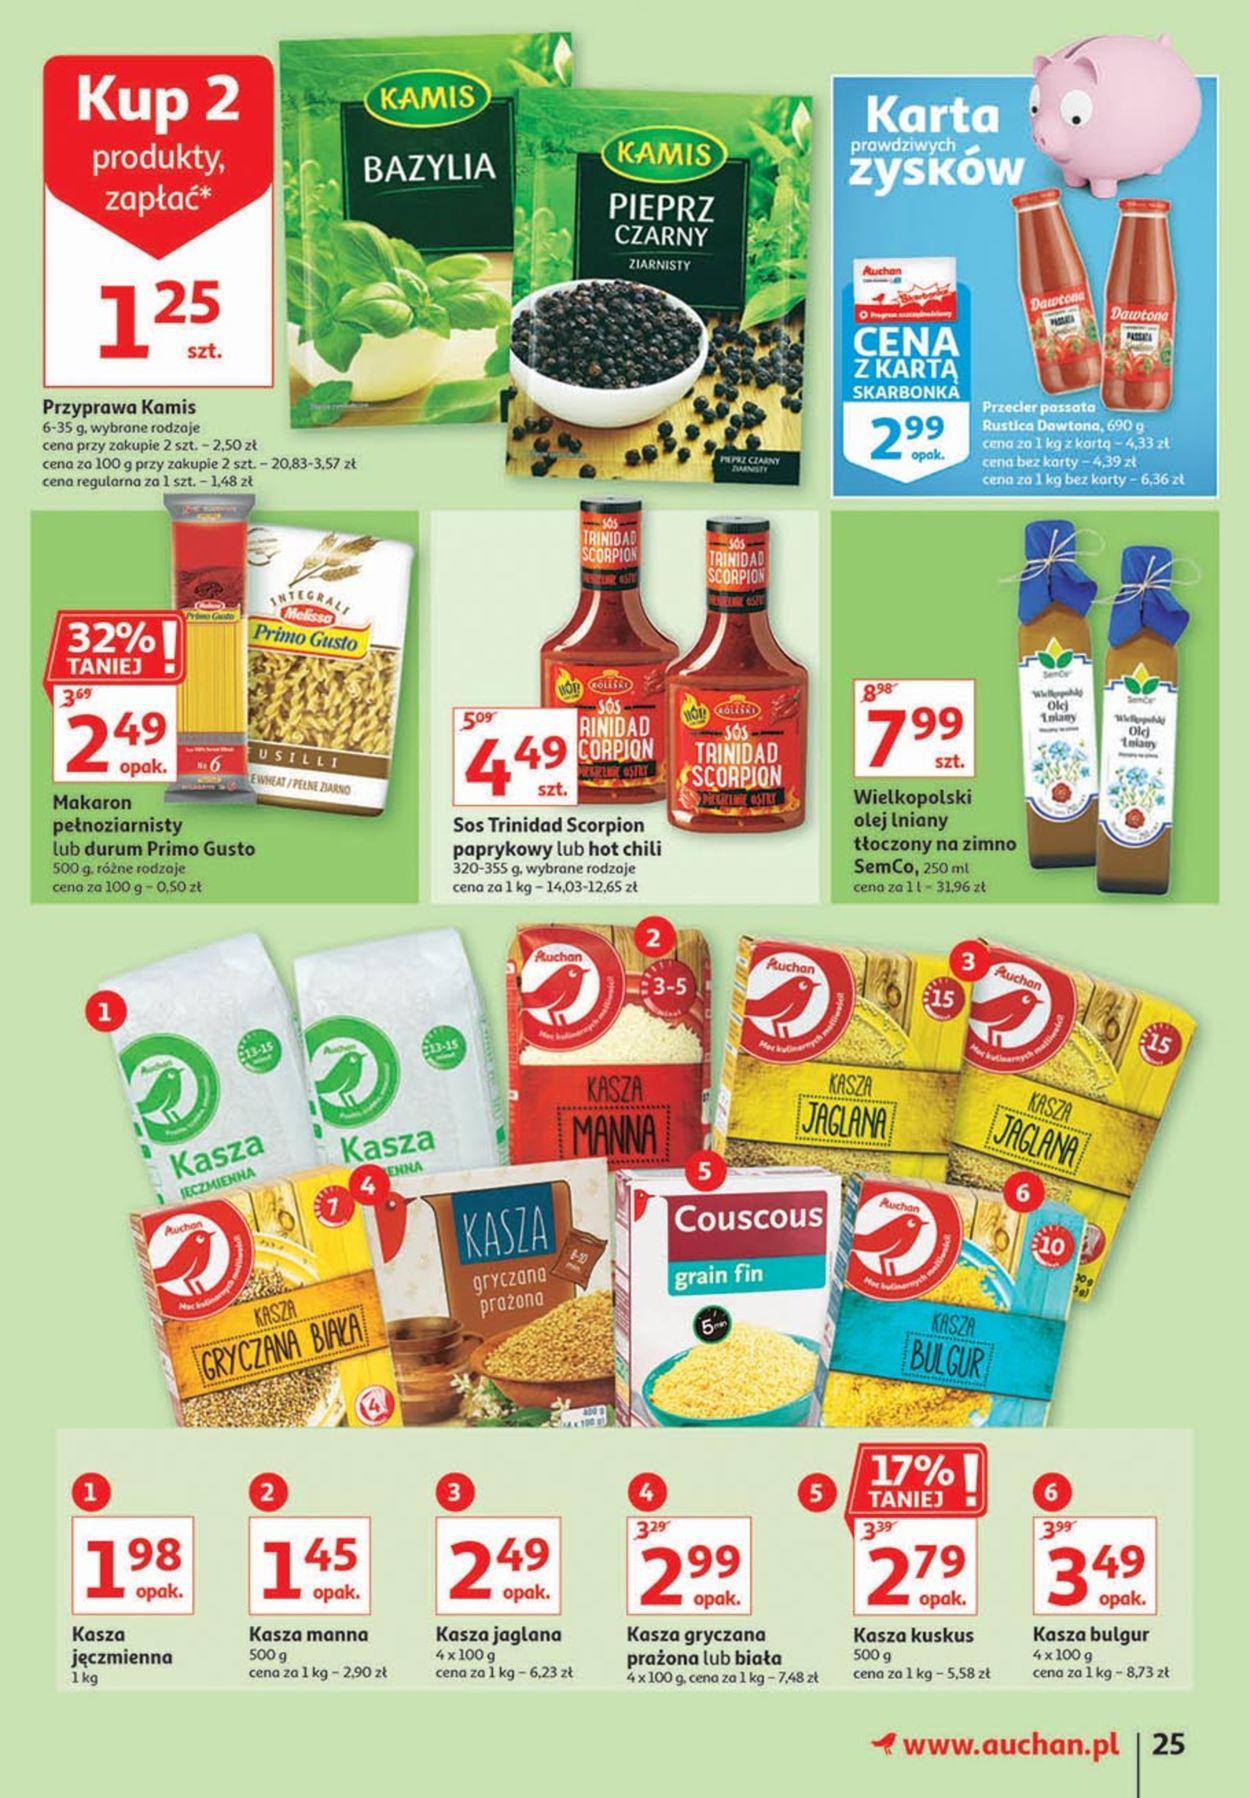 Gazetka promocyjna Auchan - 06.08-12.08.2020 (Strona 25)